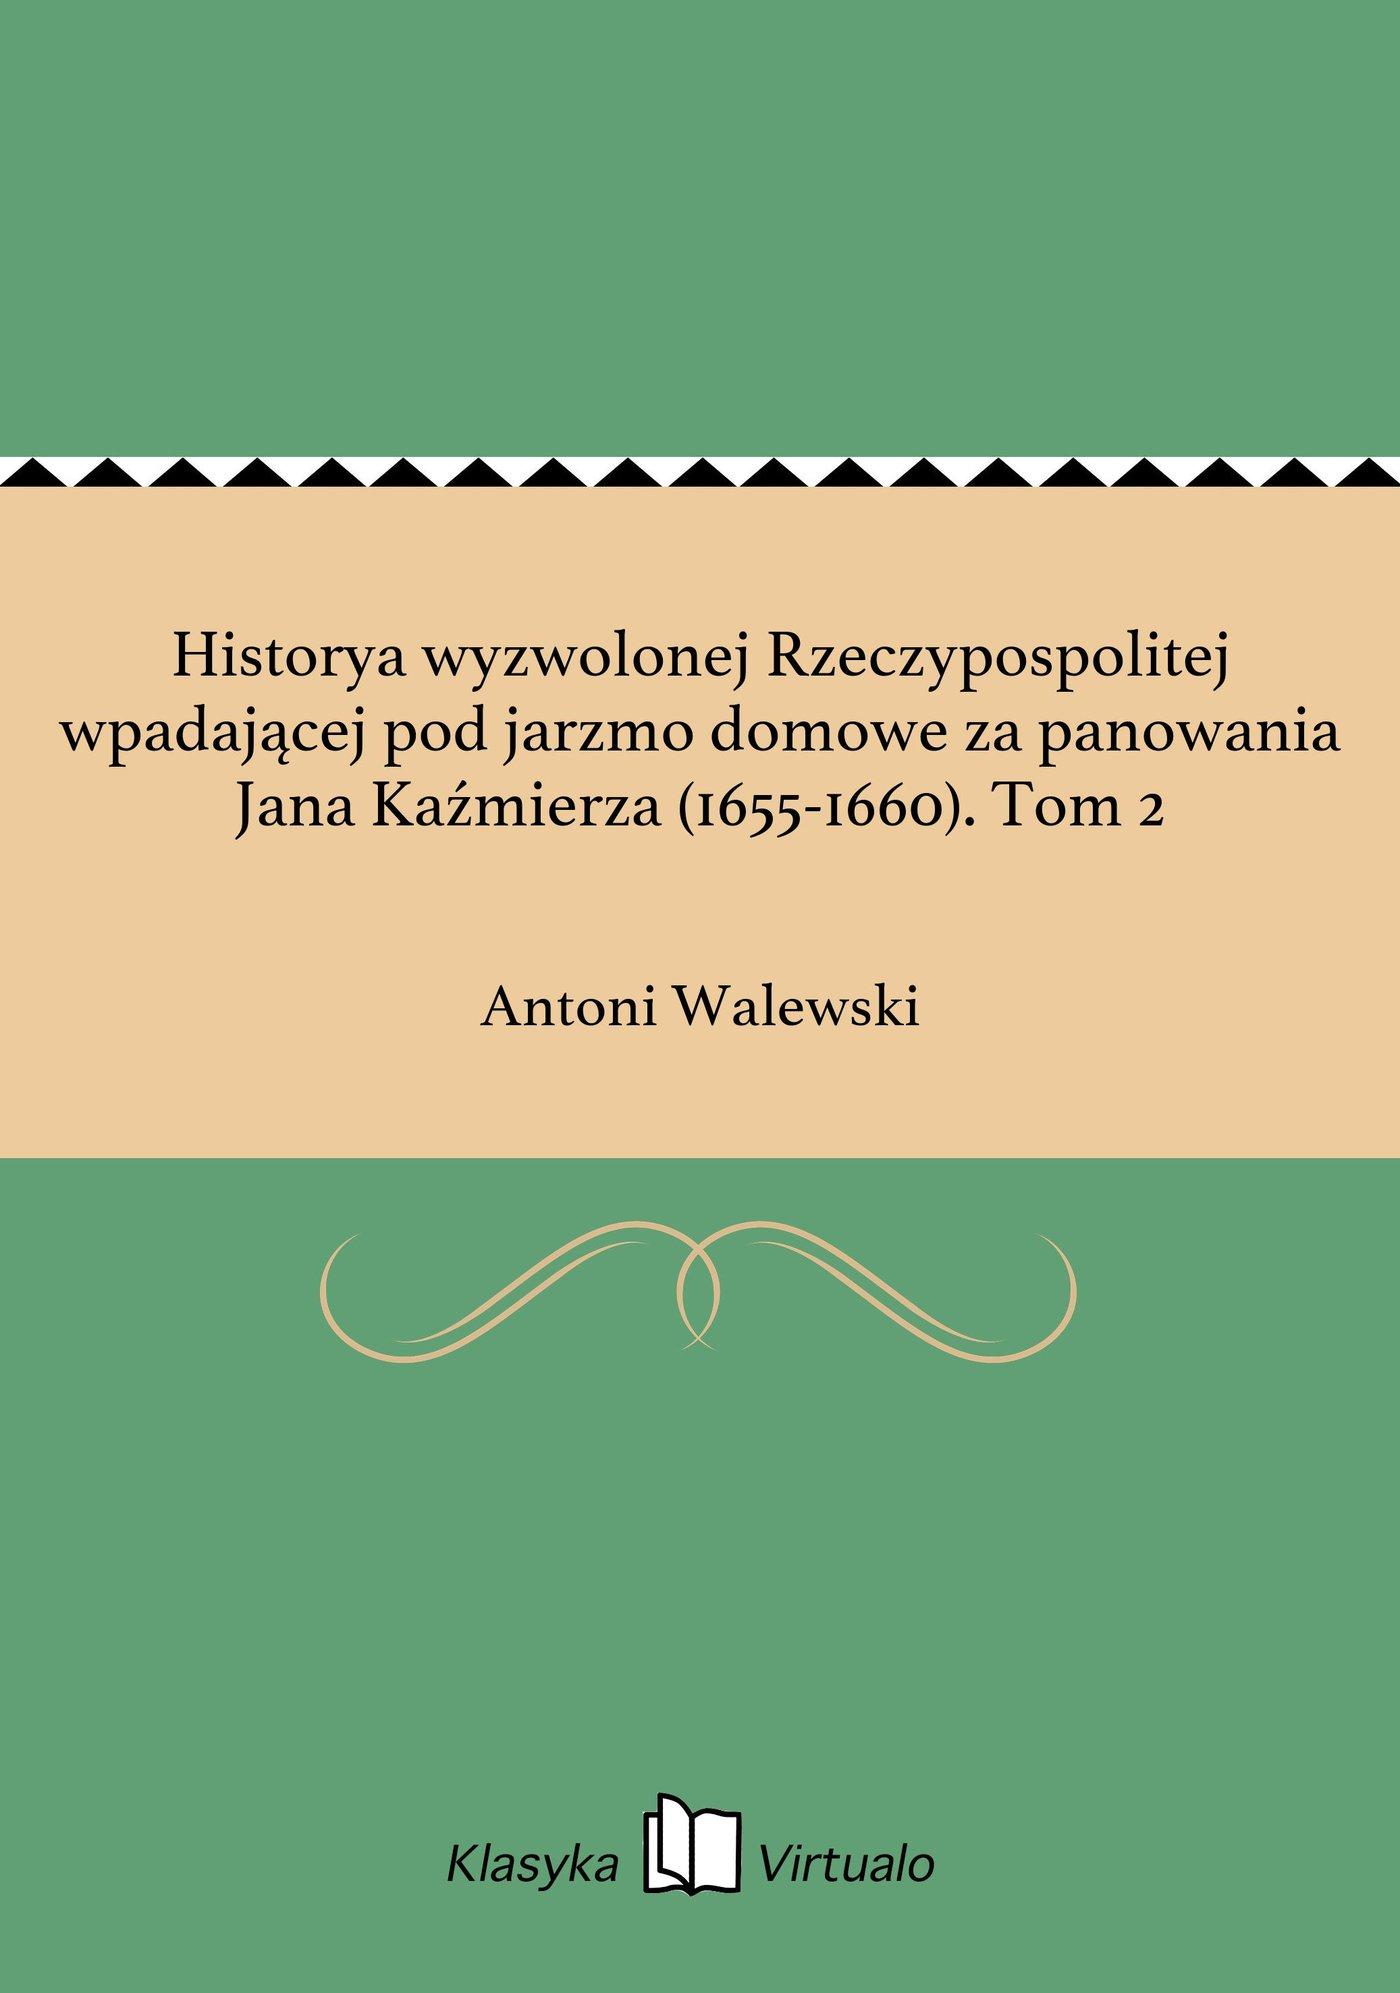 Historya wyzwolonej Rzeczypospolitej wpadającej pod jarzmo domowe za panowania Jana Kaźmierza (1655-1660). Tom 2 - Ebook (Książka EPUB) do pobrania w formacie EPUB